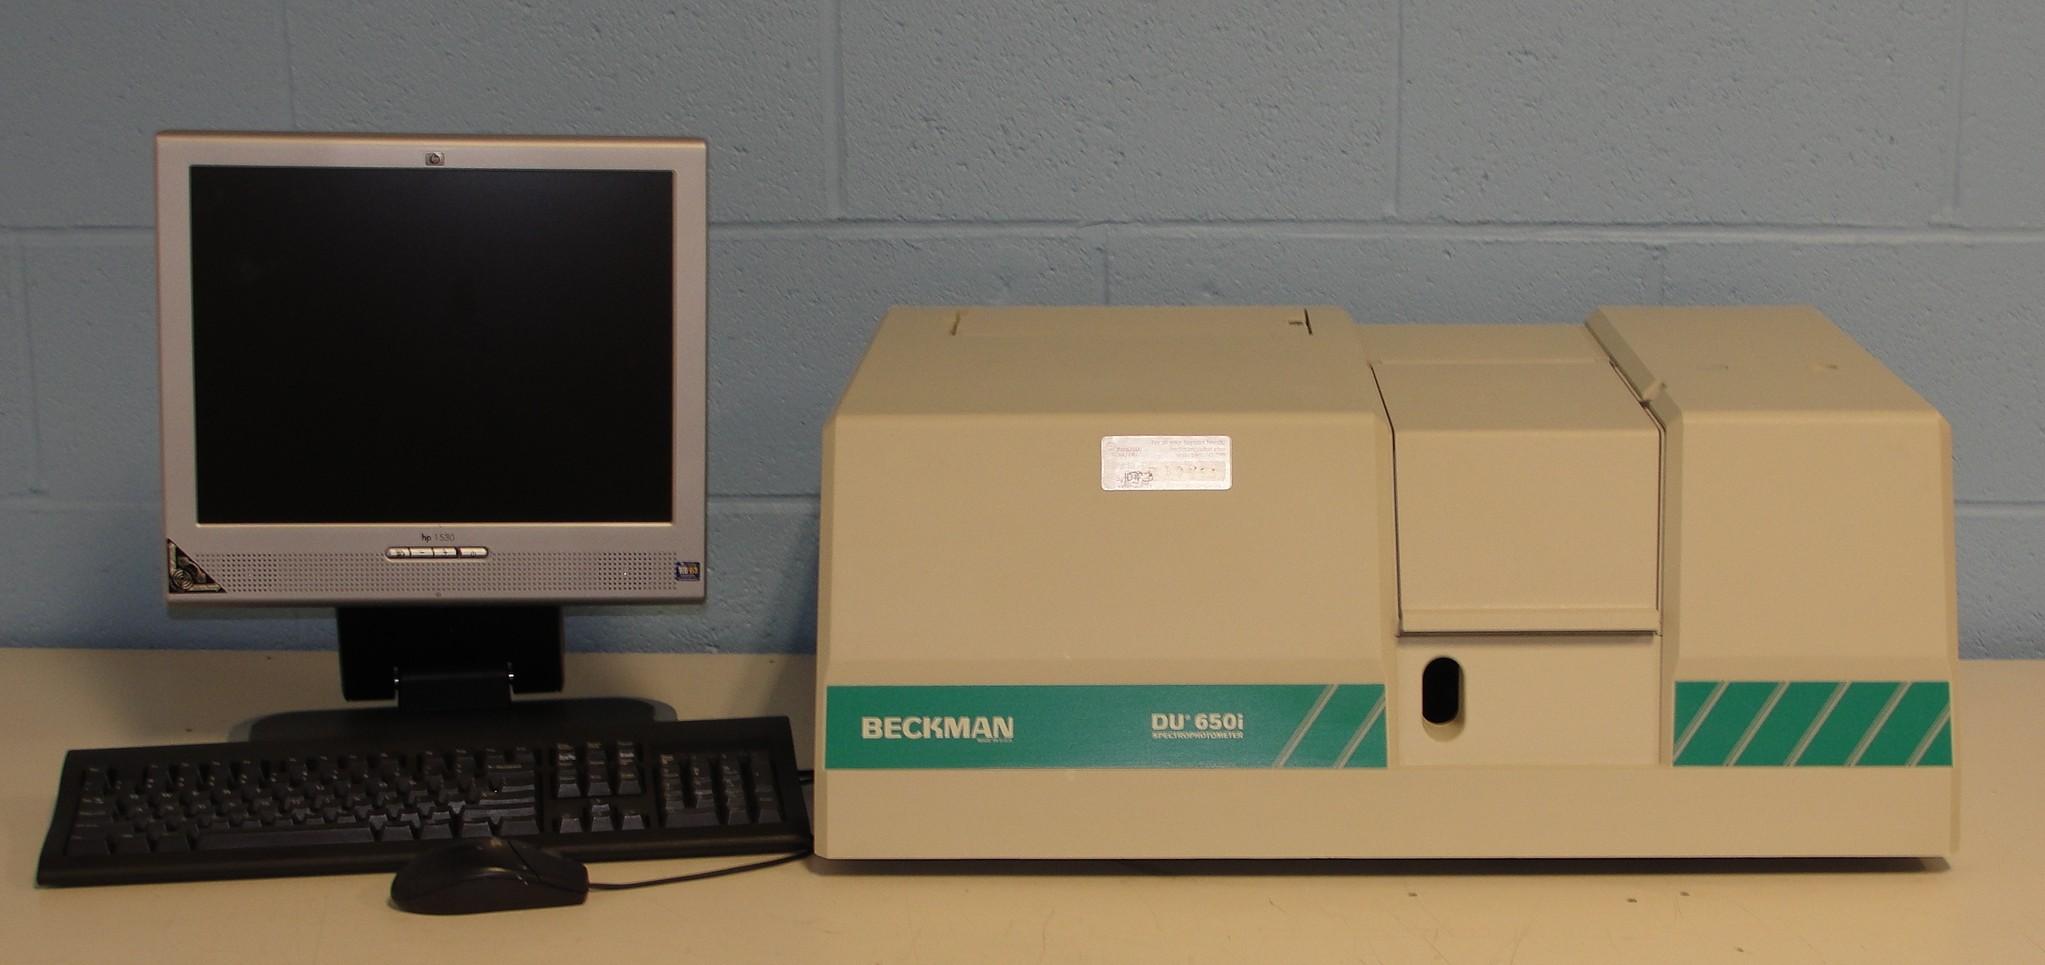 Beckman Coulter DU 650i Spectrophotometer with Multi Cuvette Holder Image